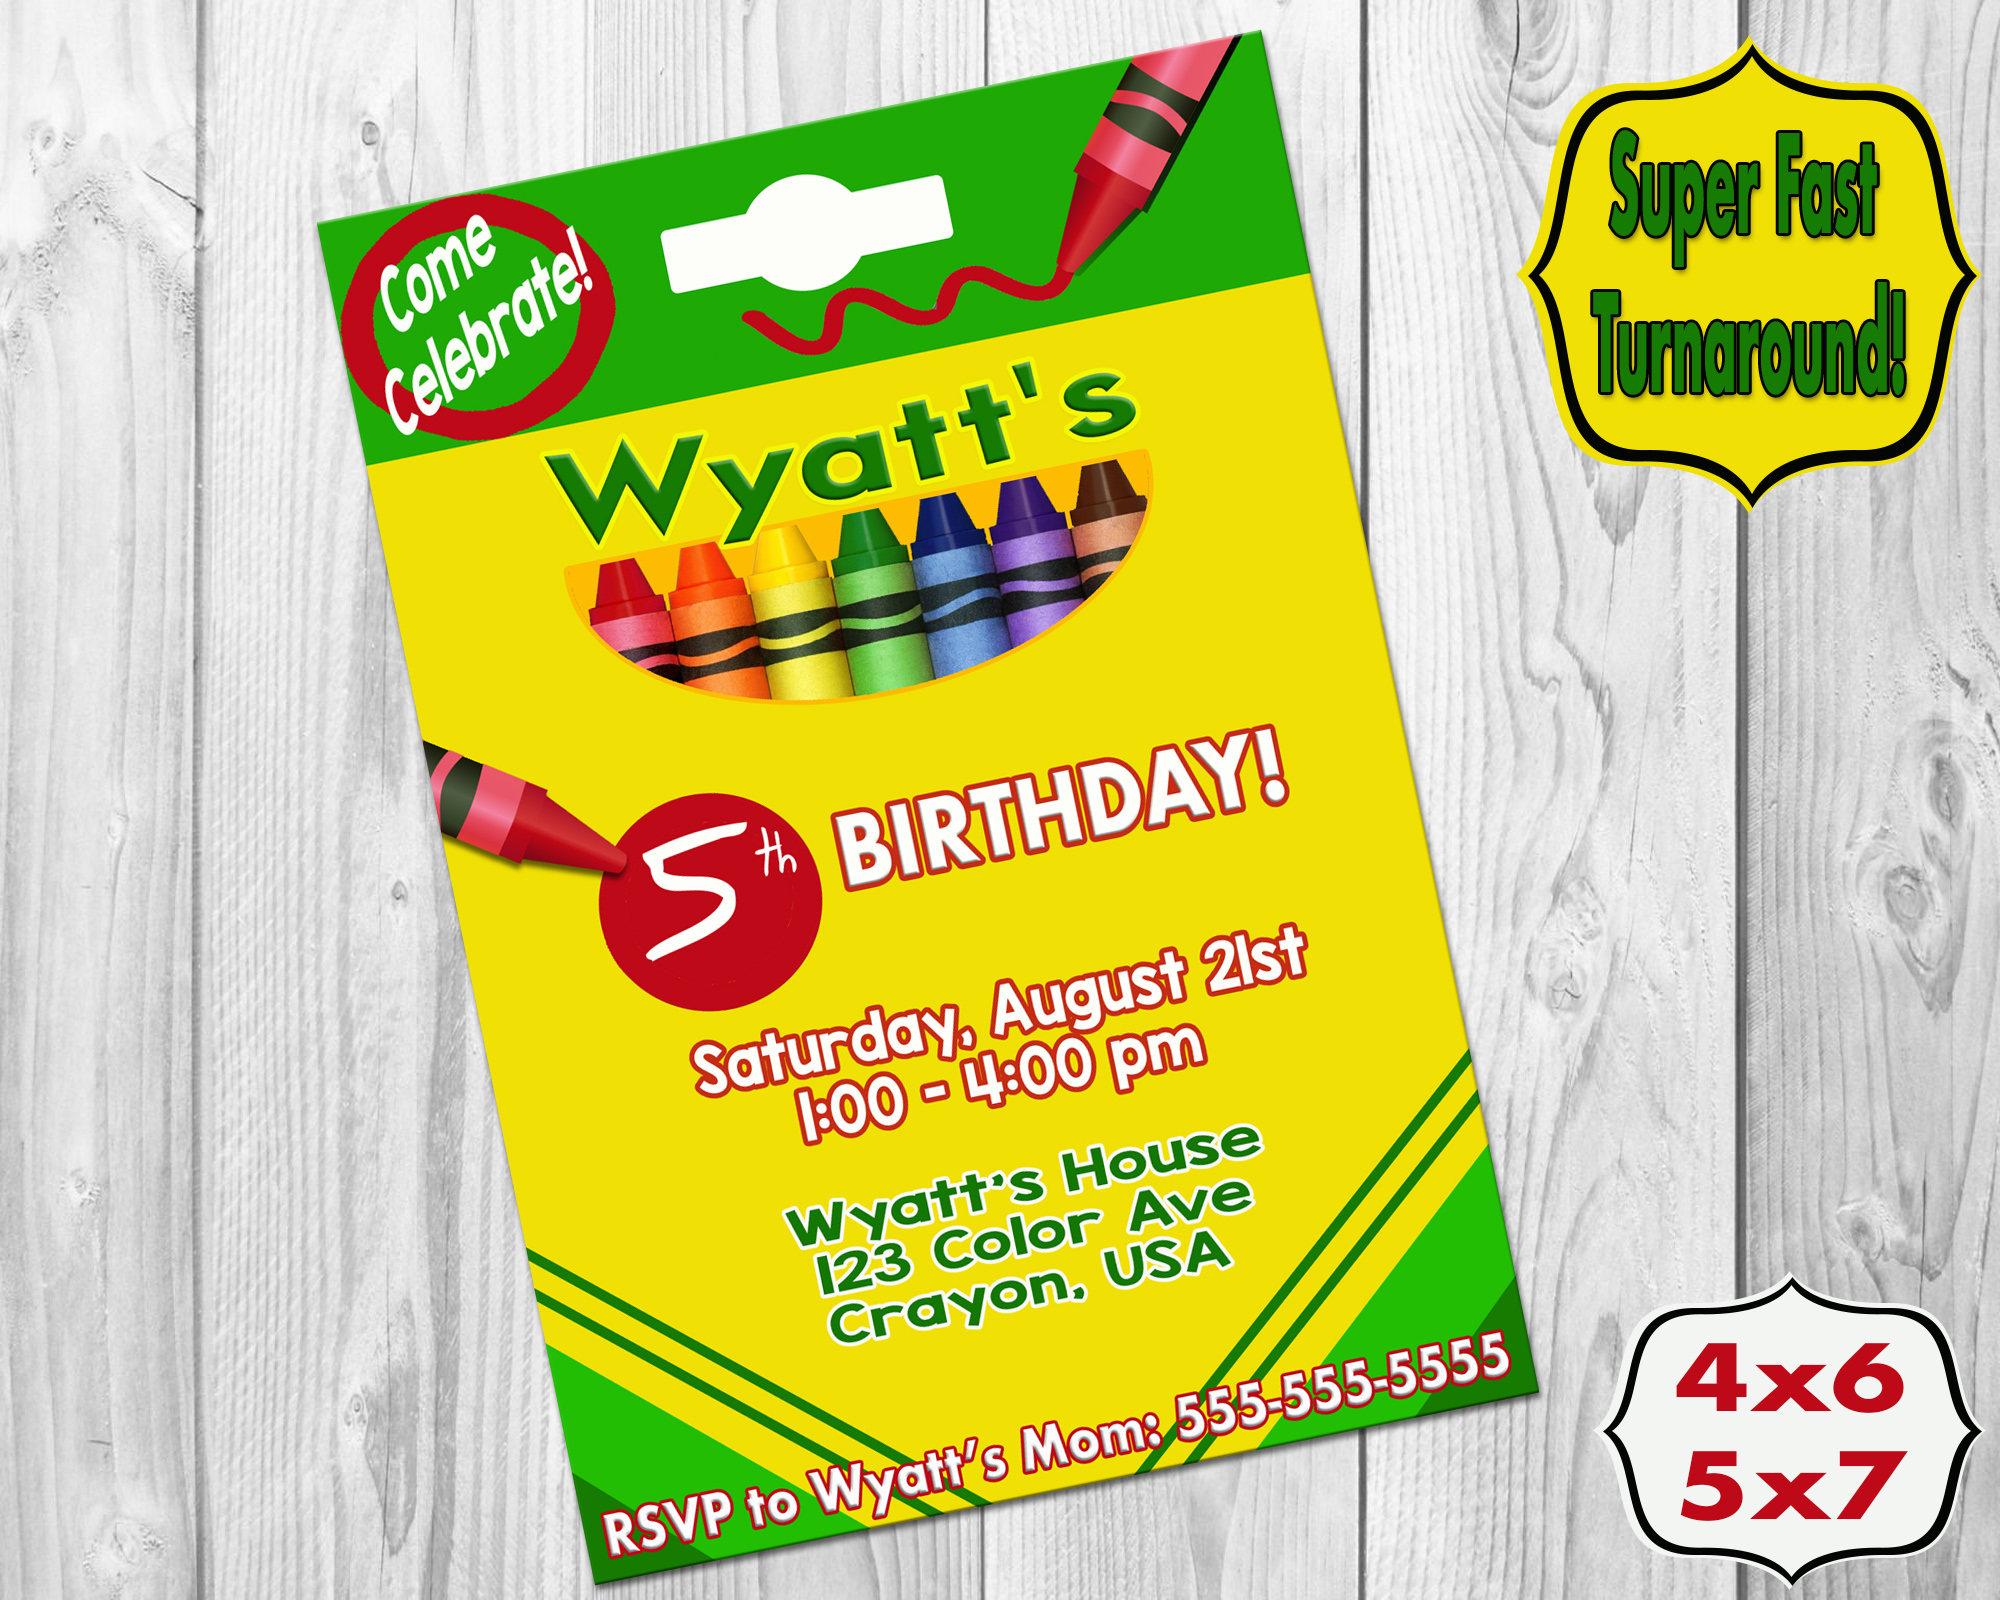 Crayon Invitations Crayon Birthday Party Printable Art | Etsy